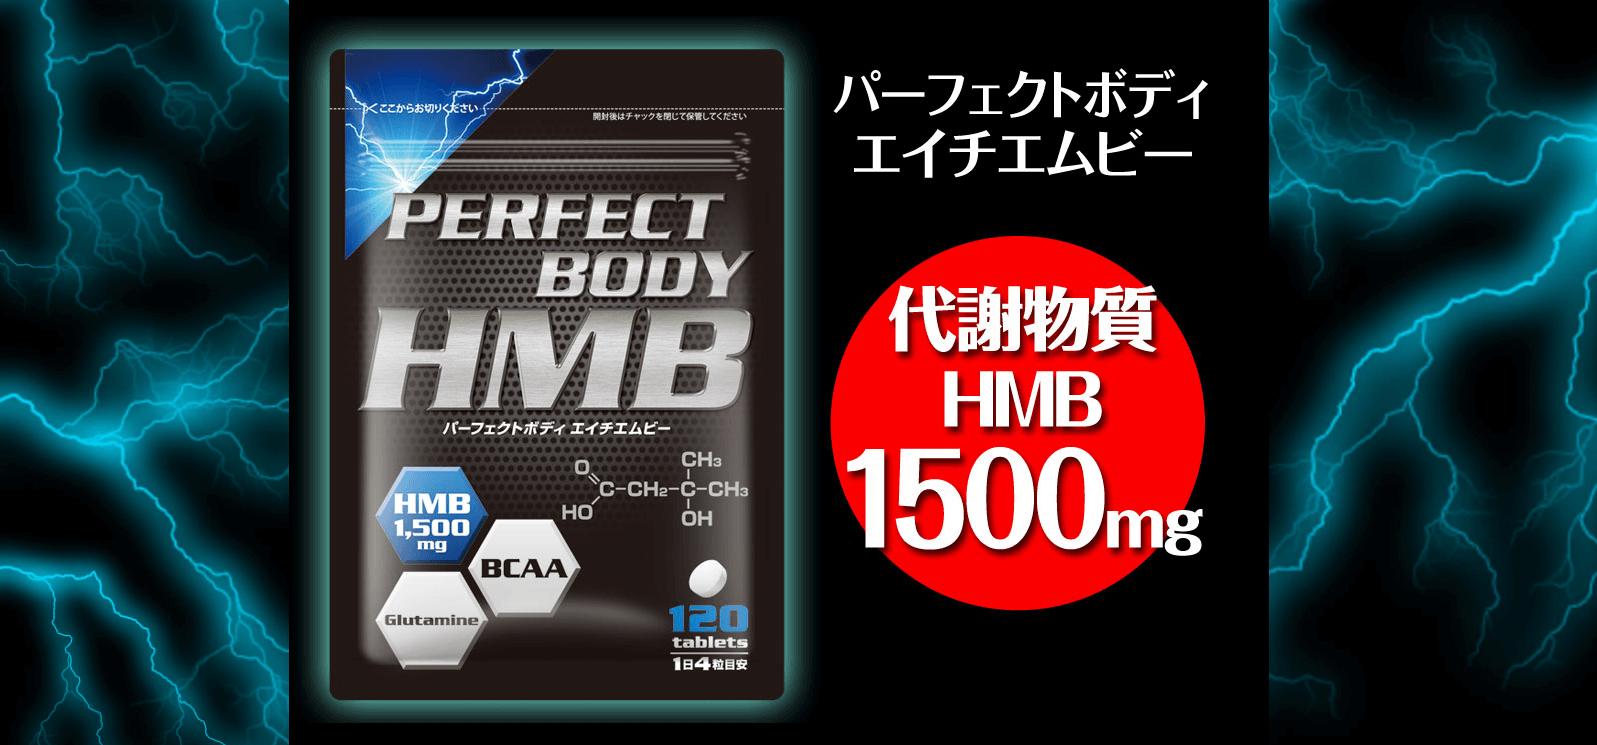 【11位】パーフェクトボディHMB